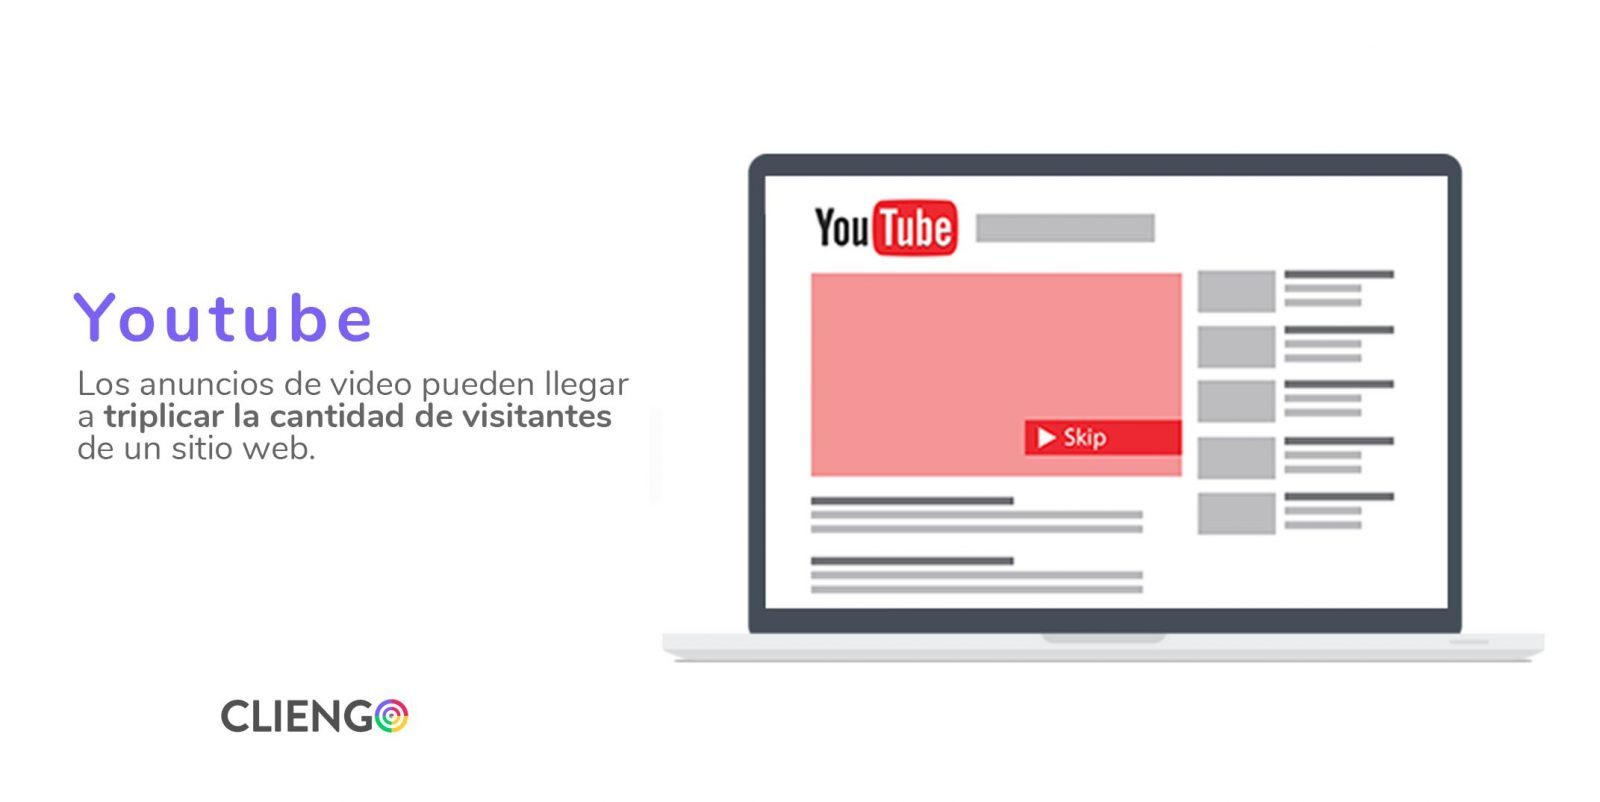 Youtube Video - Publicidad en Google (Estadística)